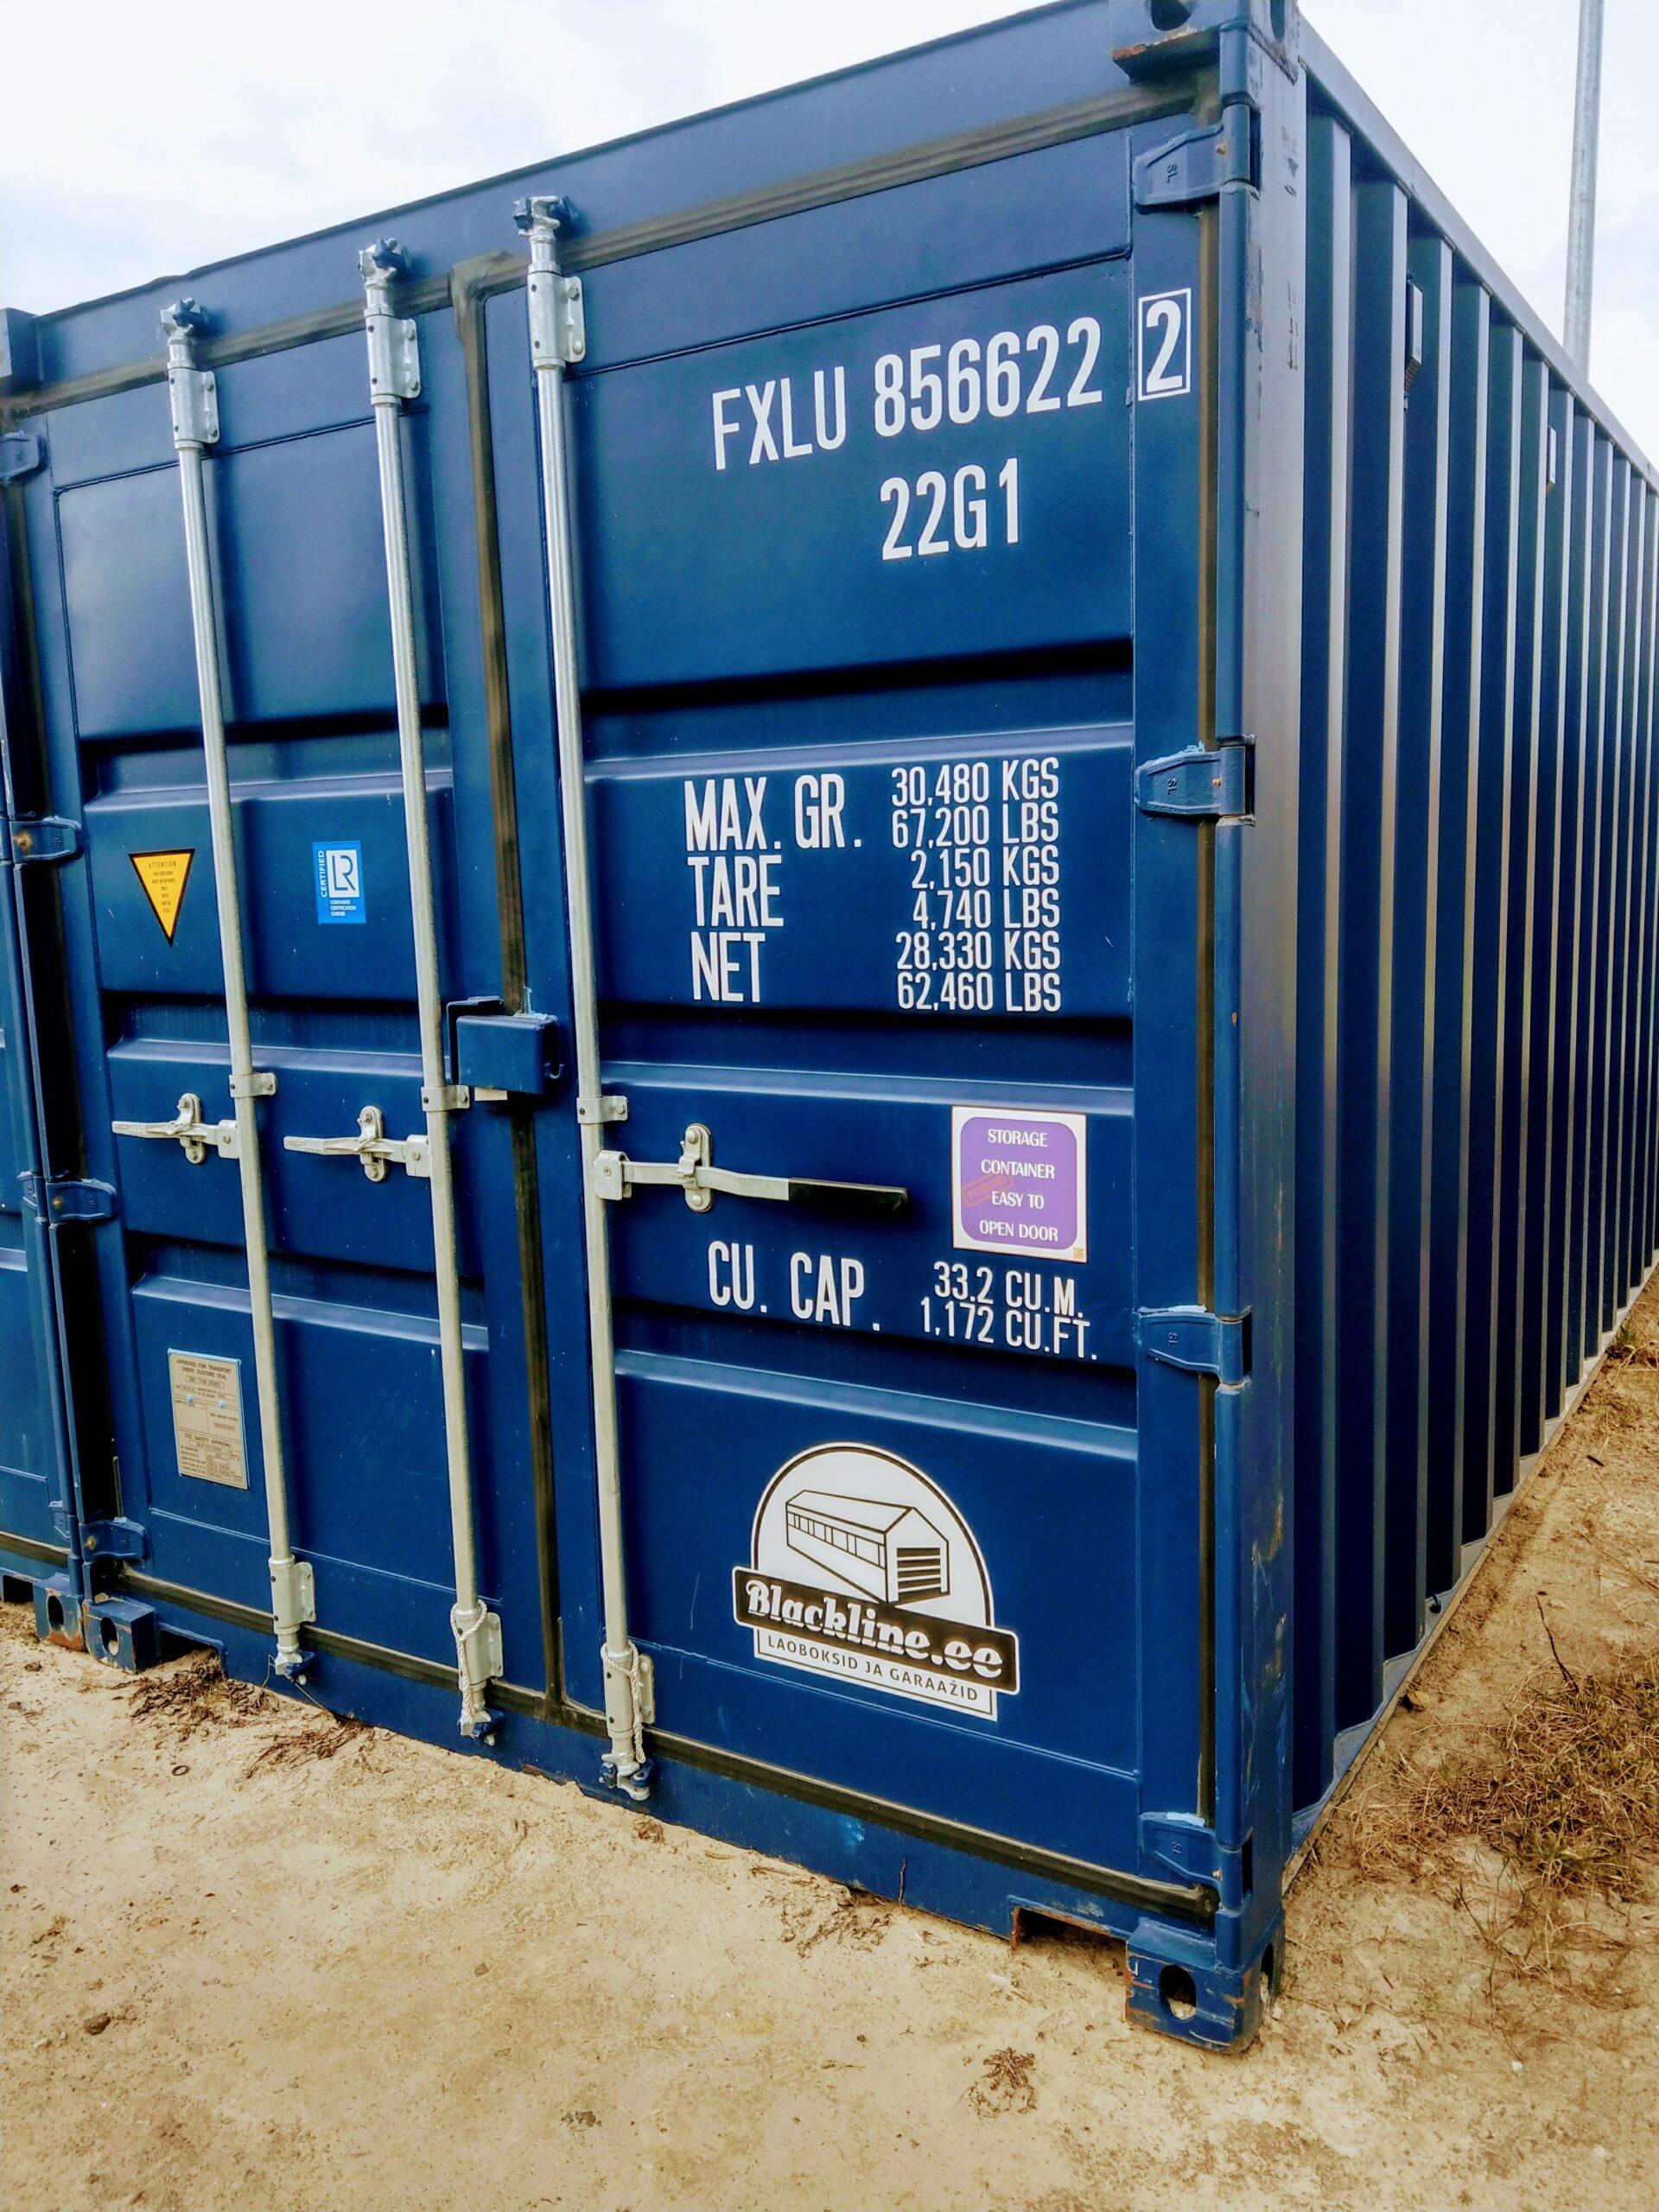 Uus konteinerladu NR 7 – FXLU8566222